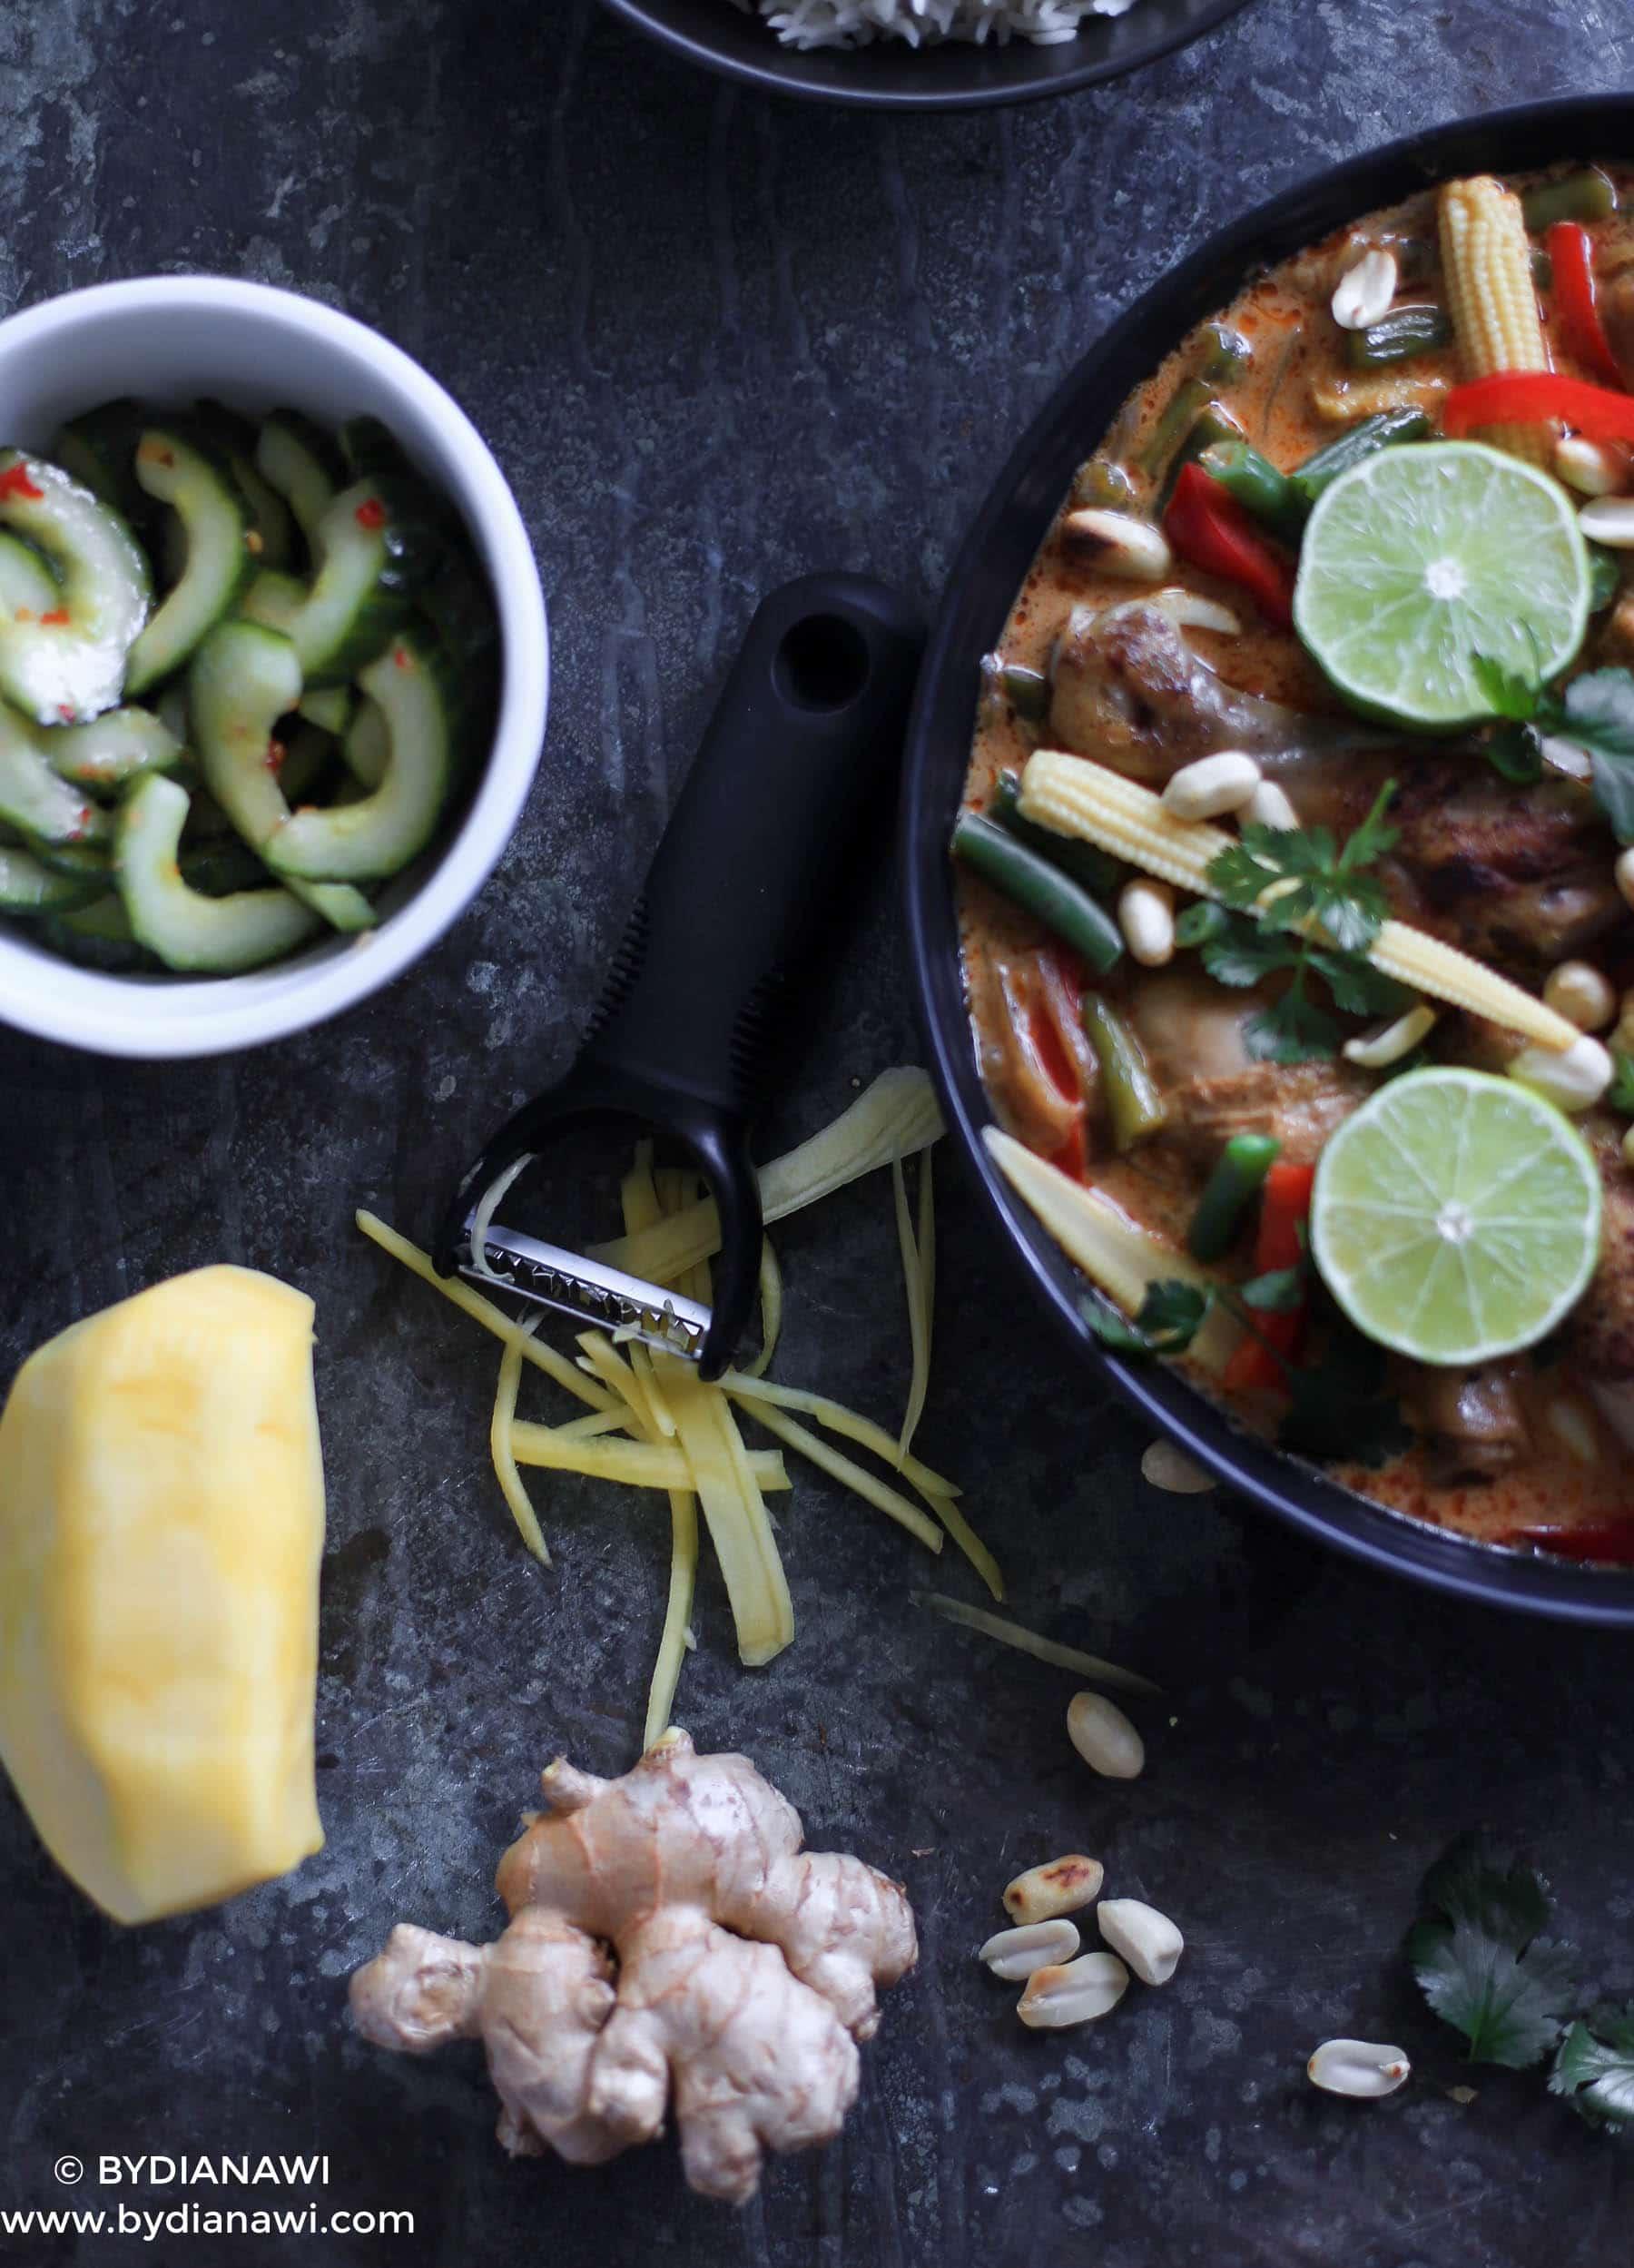 rød karry kylling, thai agurkesalat